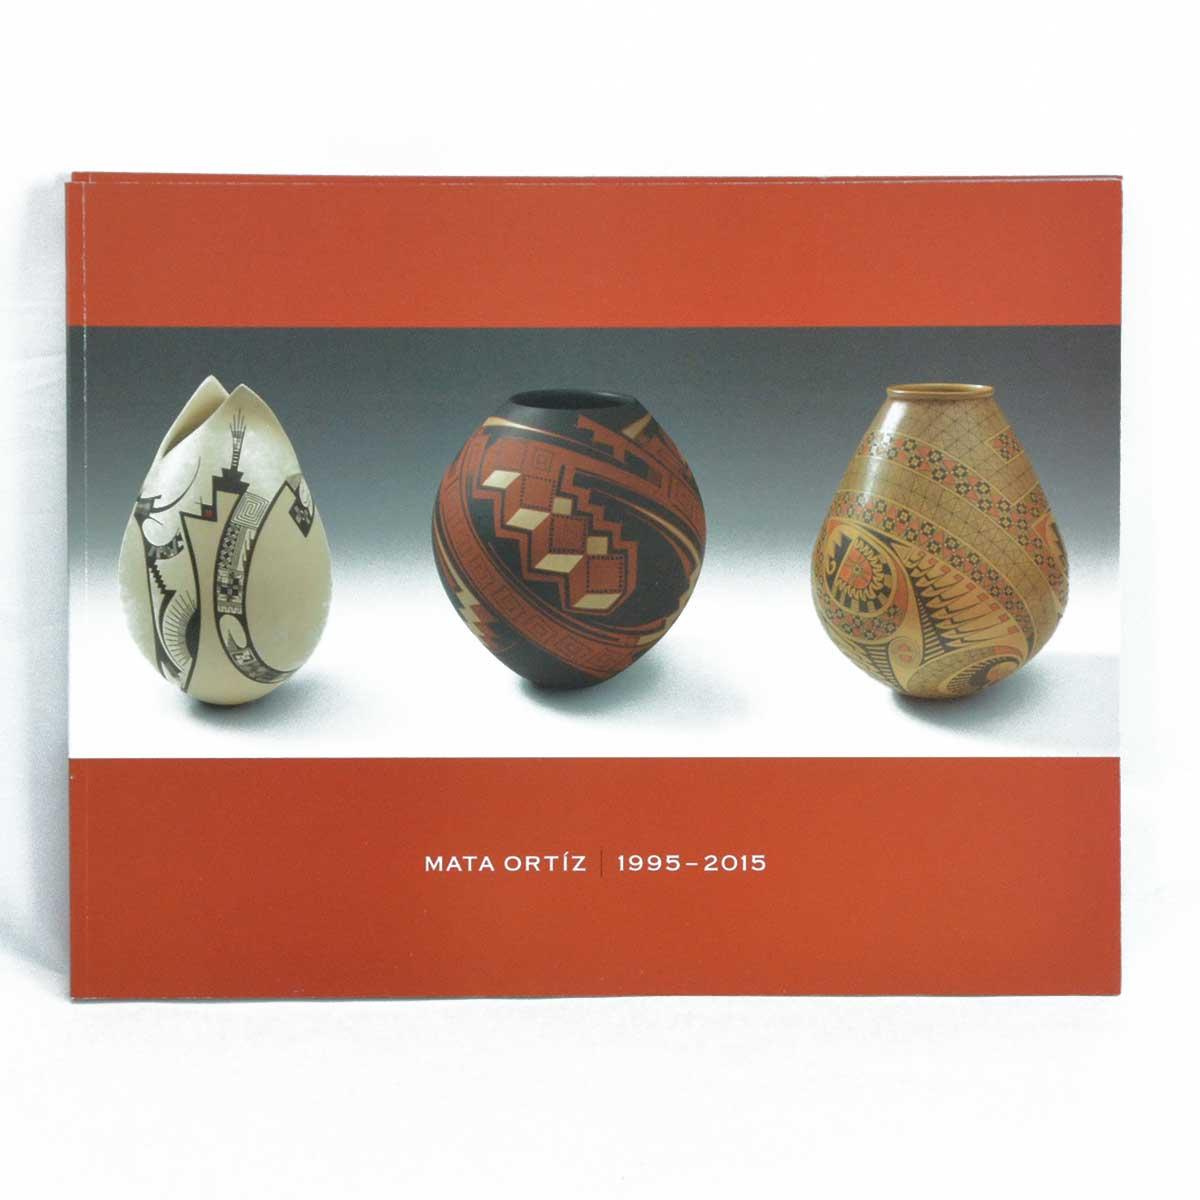 William Gilbert & Constance Cortez William Gilbert & Constance Cortez: Mata Ortiz 1995-2015 (book) Books